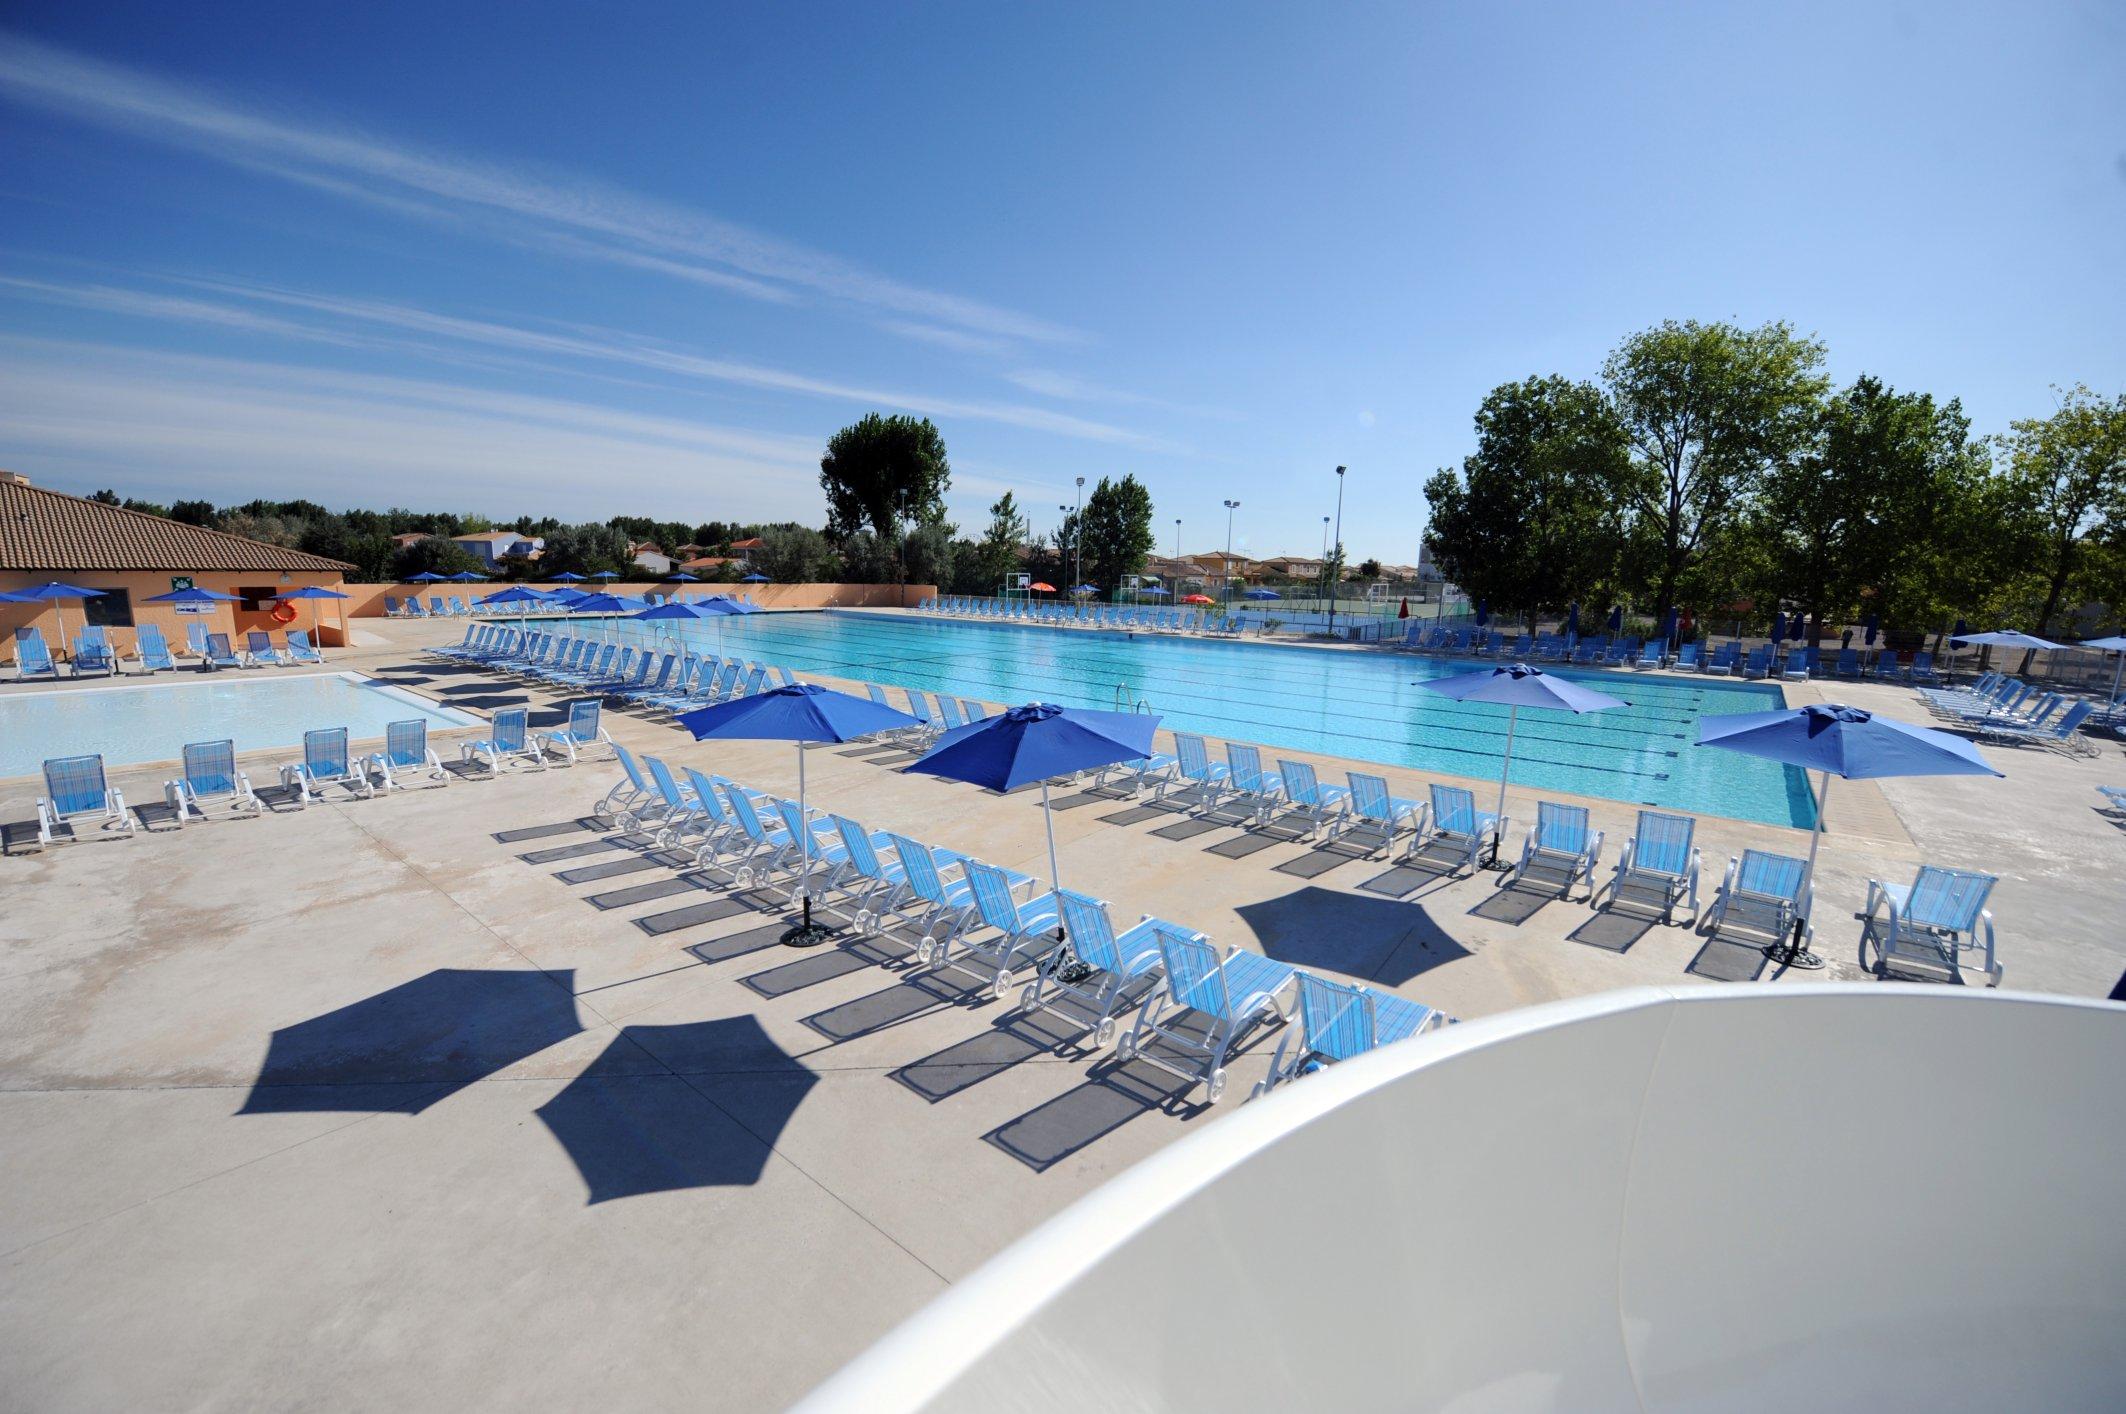 Le grau du roi camping l 39 elys e plein air vacances - Camping grau du roi avec piscine ...